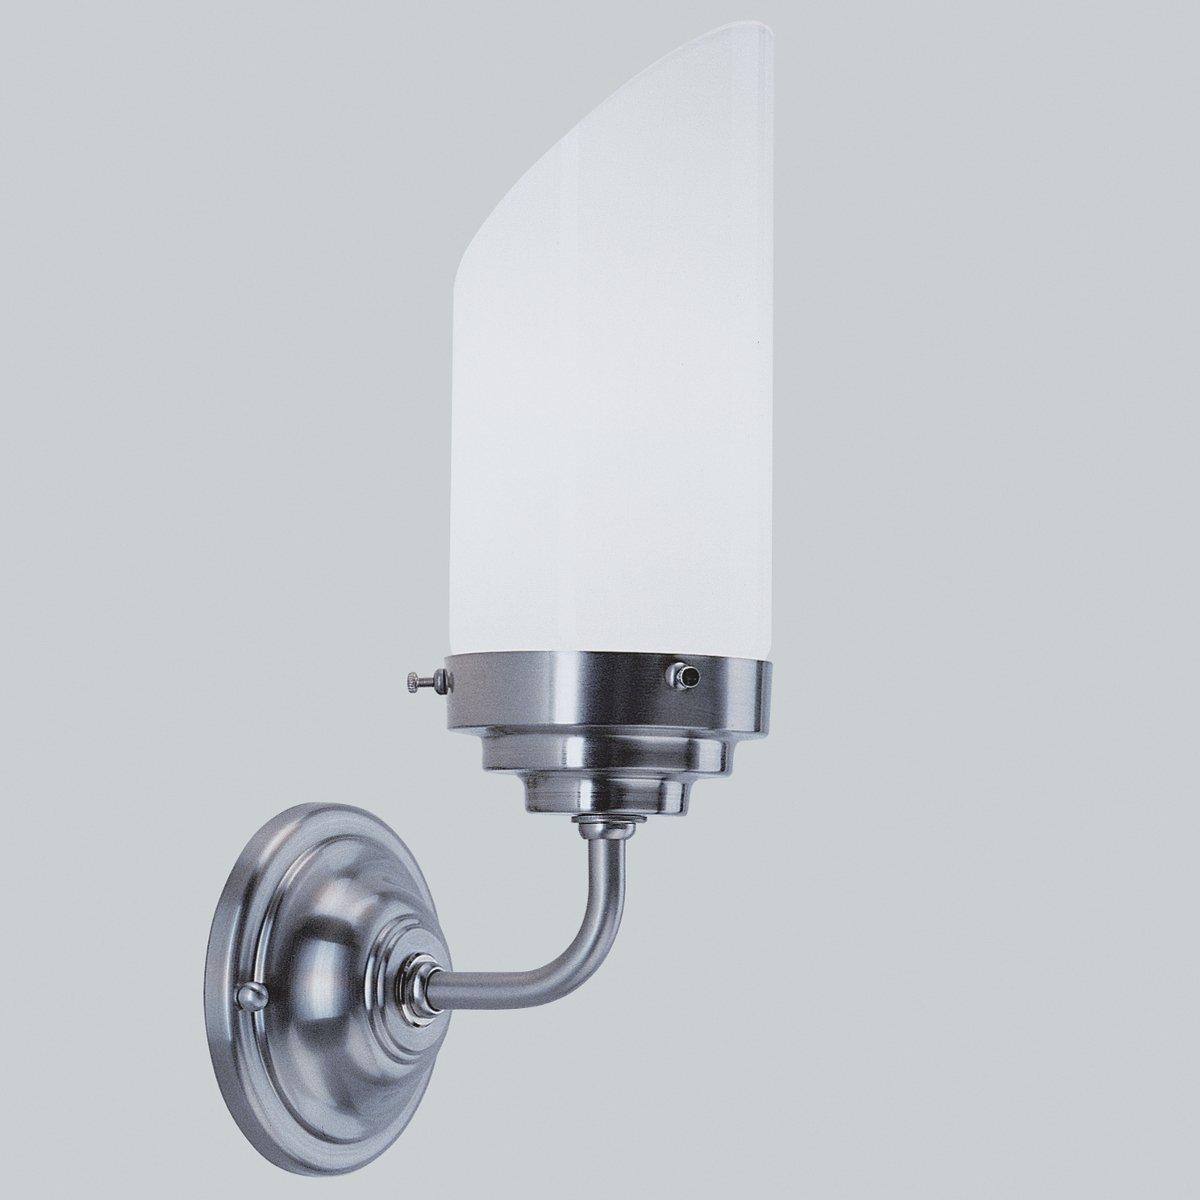 moderne wandleuchte im art deco stil als badlampe. Black Bedroom Furniture Sets. Home Design Ideas